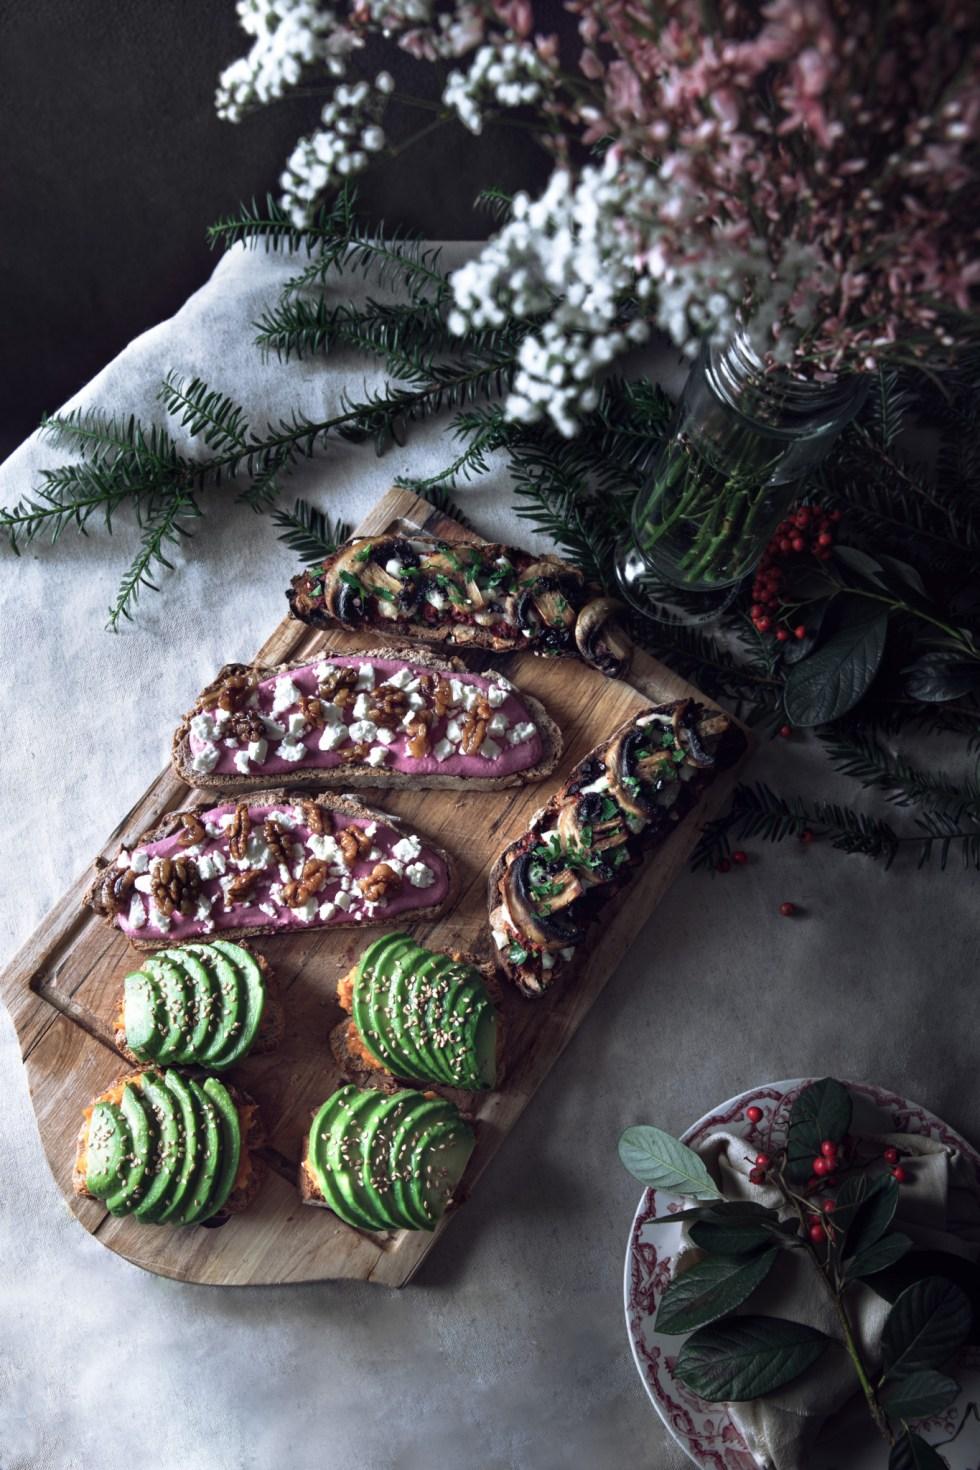 Toast de Noël - Pain aux noix Laurent Lachenal | www.lafaimestproche.com